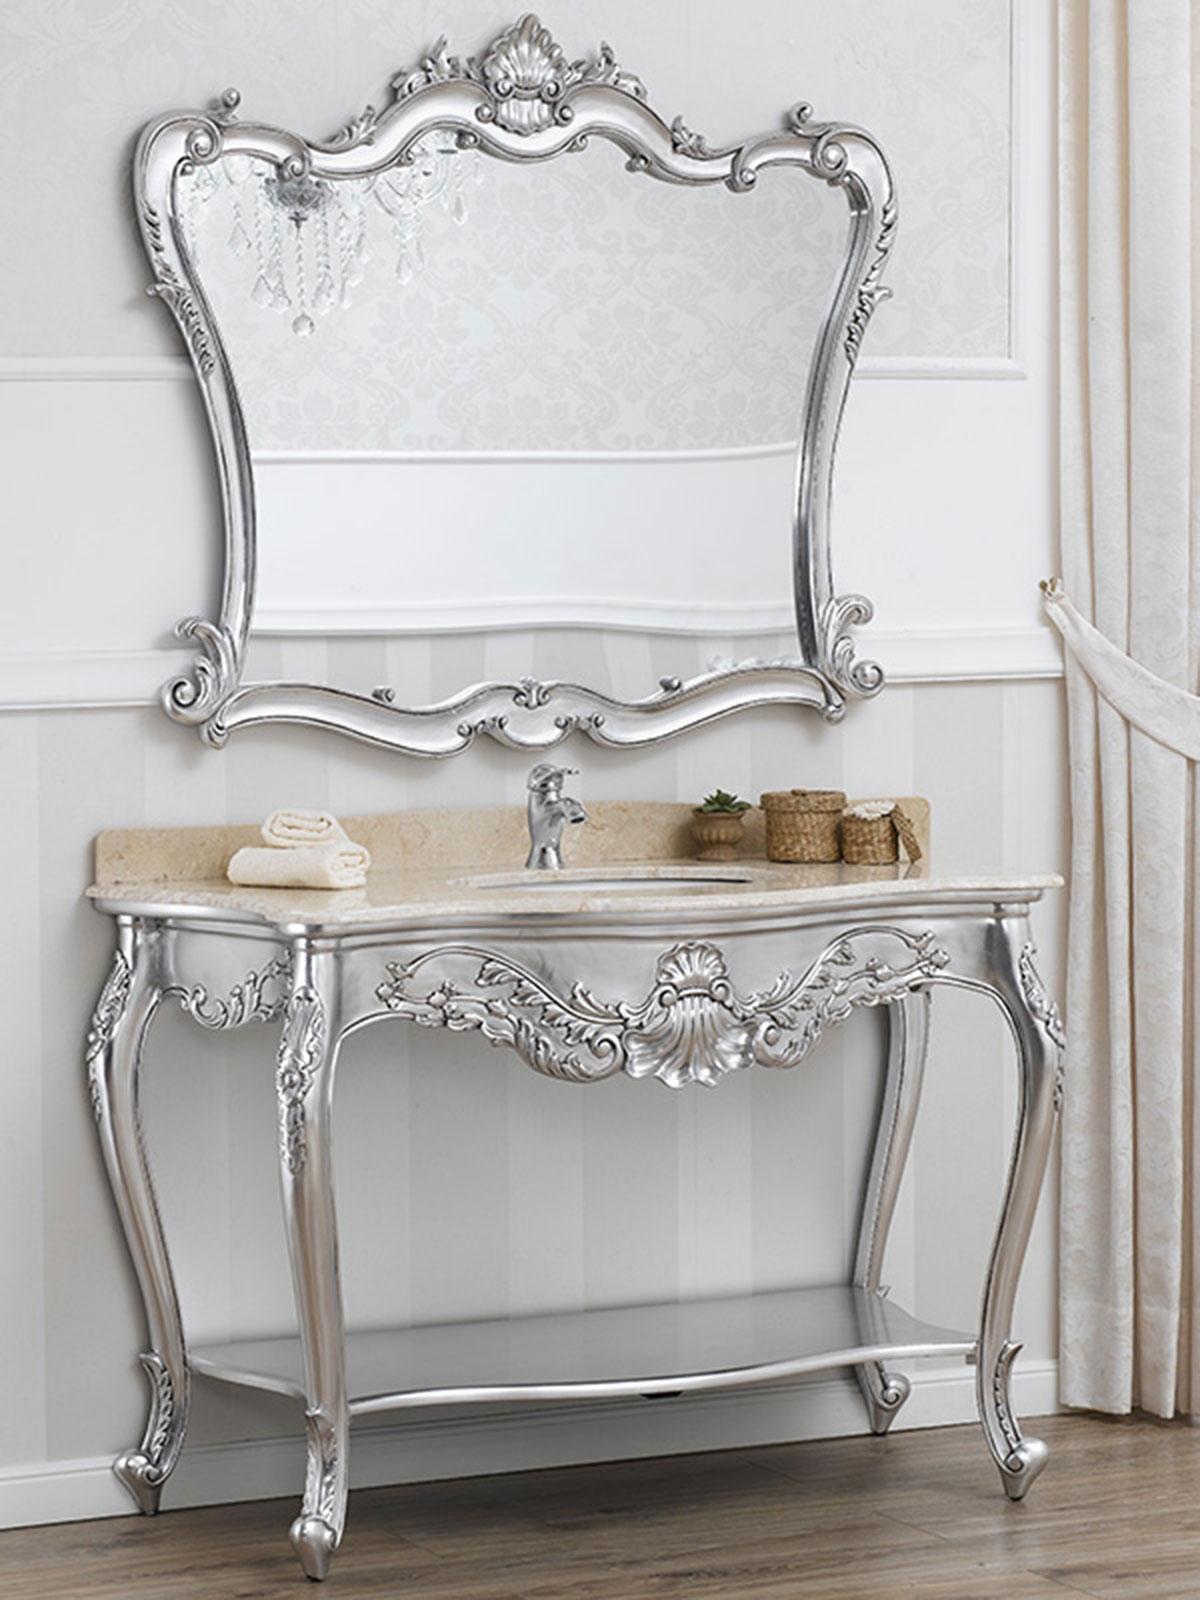 Consolle e specchio eleonor stile barocco moderno arredo for Arredamento stile barocco moderno